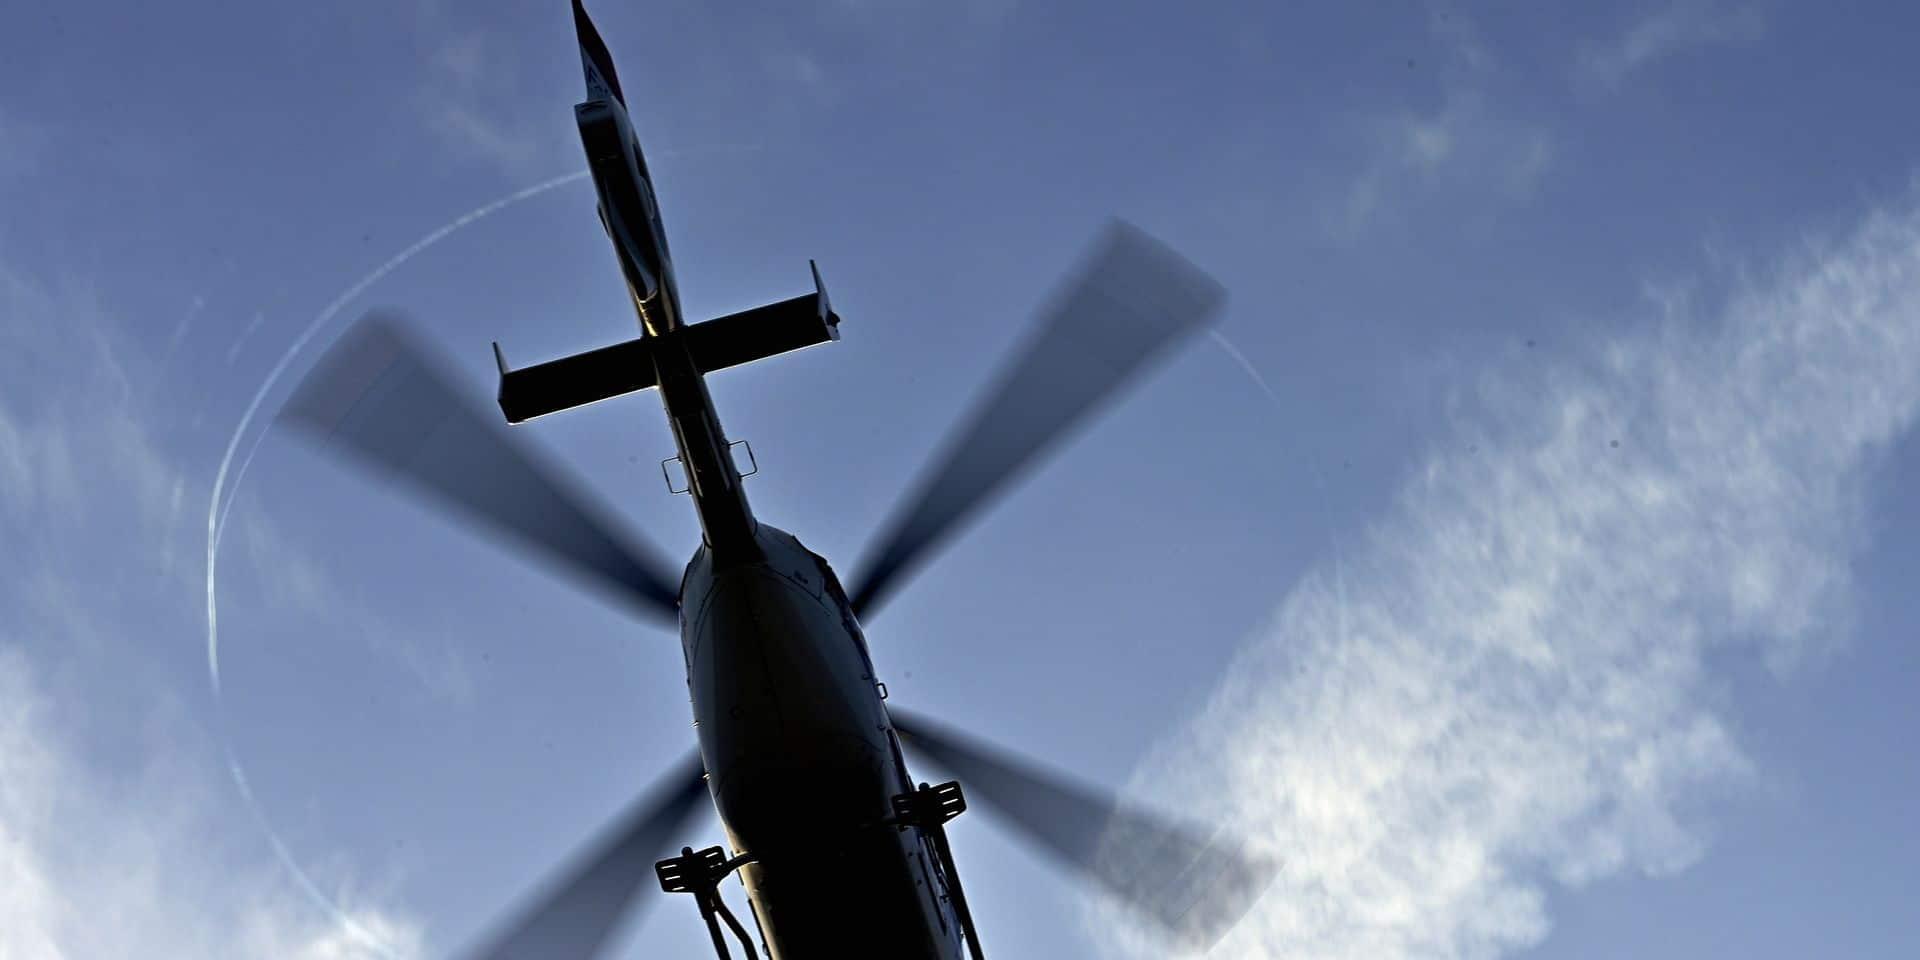 Deux morts et trois blessés dans un crash d'hélicoptère à Courchevel